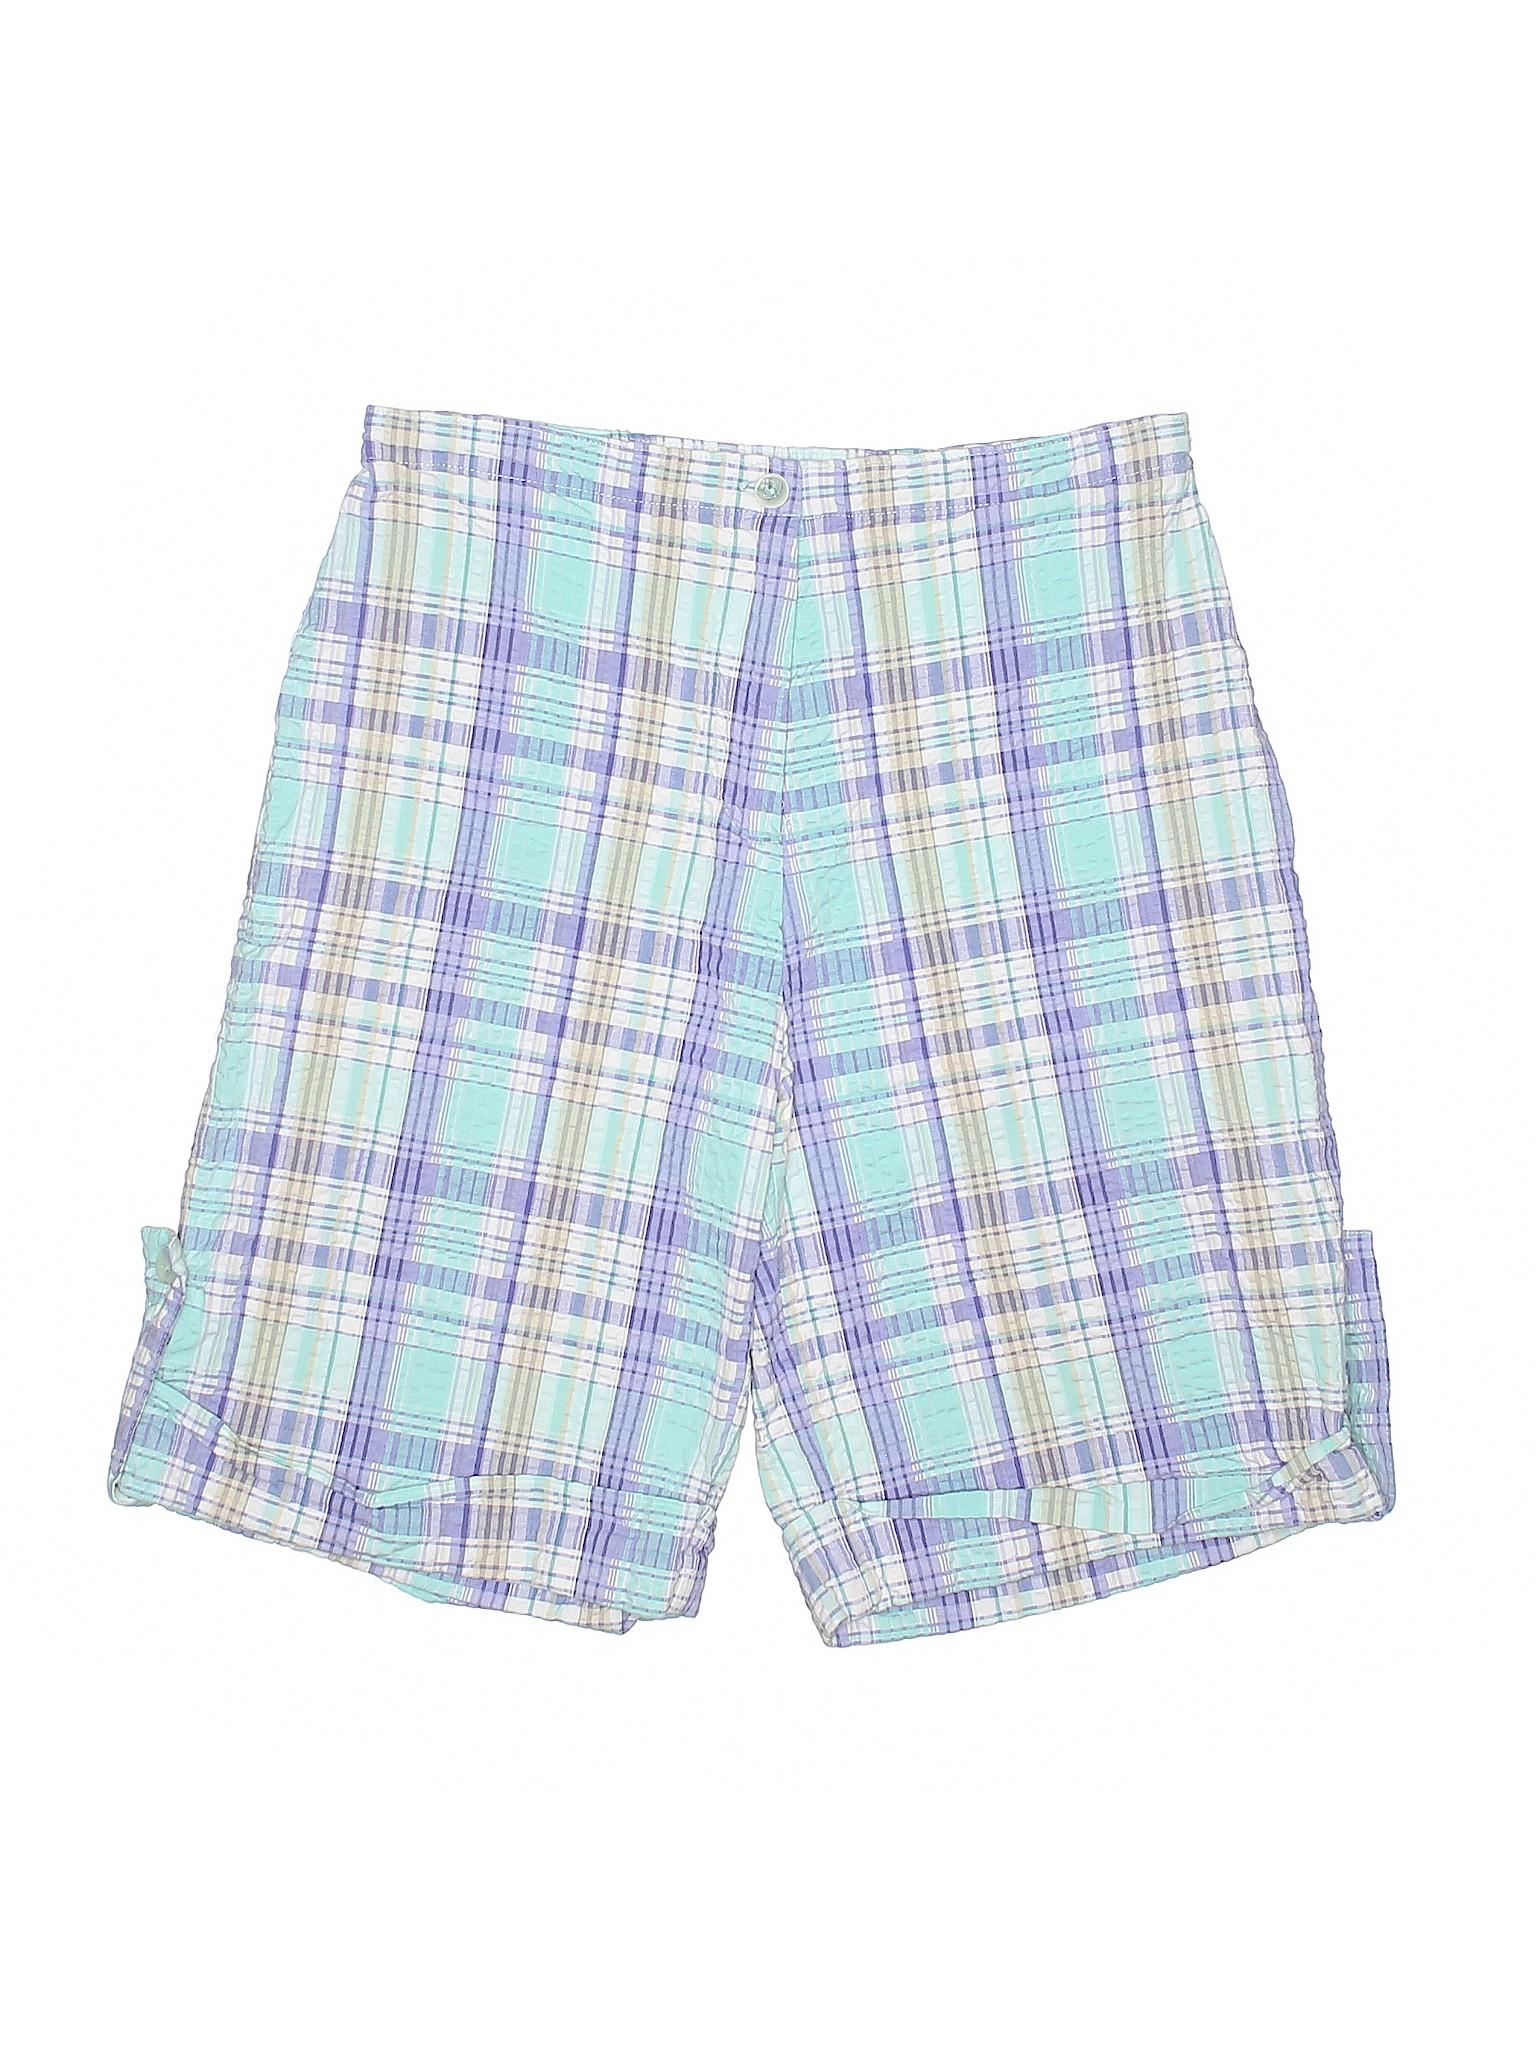 Boutique Shorts Co leisure Denim leisure Denim Boutique dqTdYP